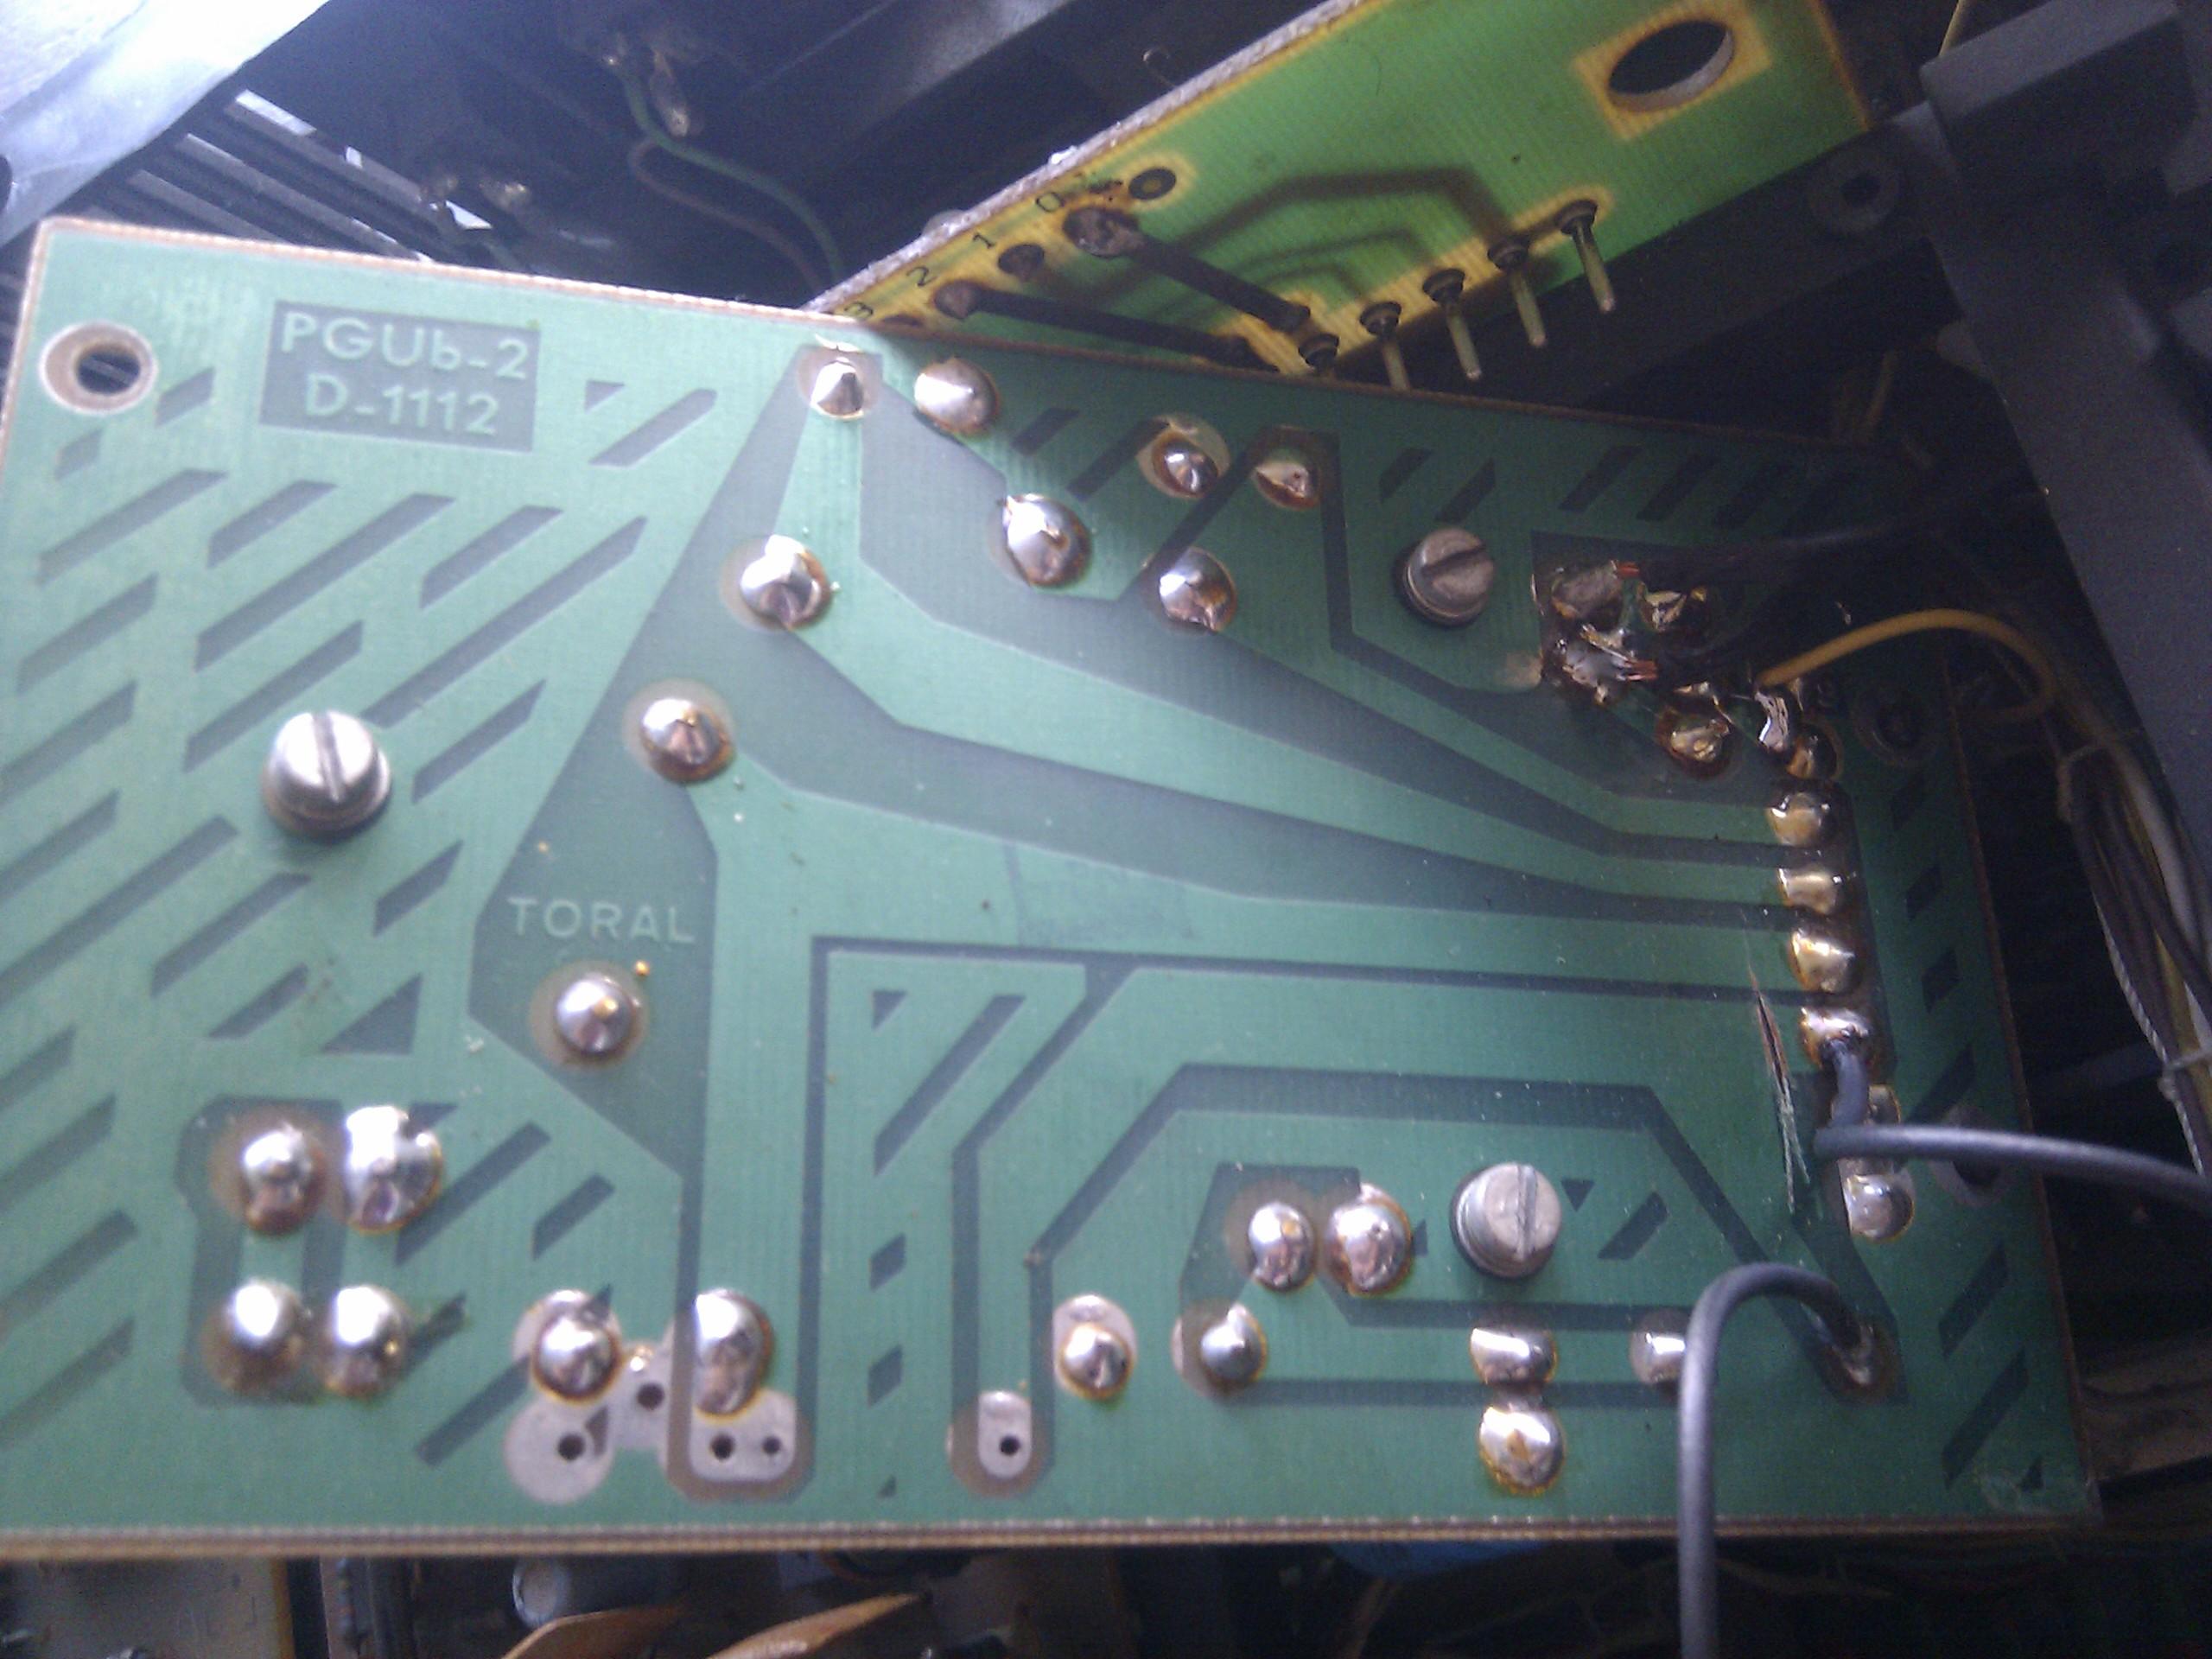 Radmor 5102 - zamiana g�owicy UKF z PGUb-2 na PGU-3.